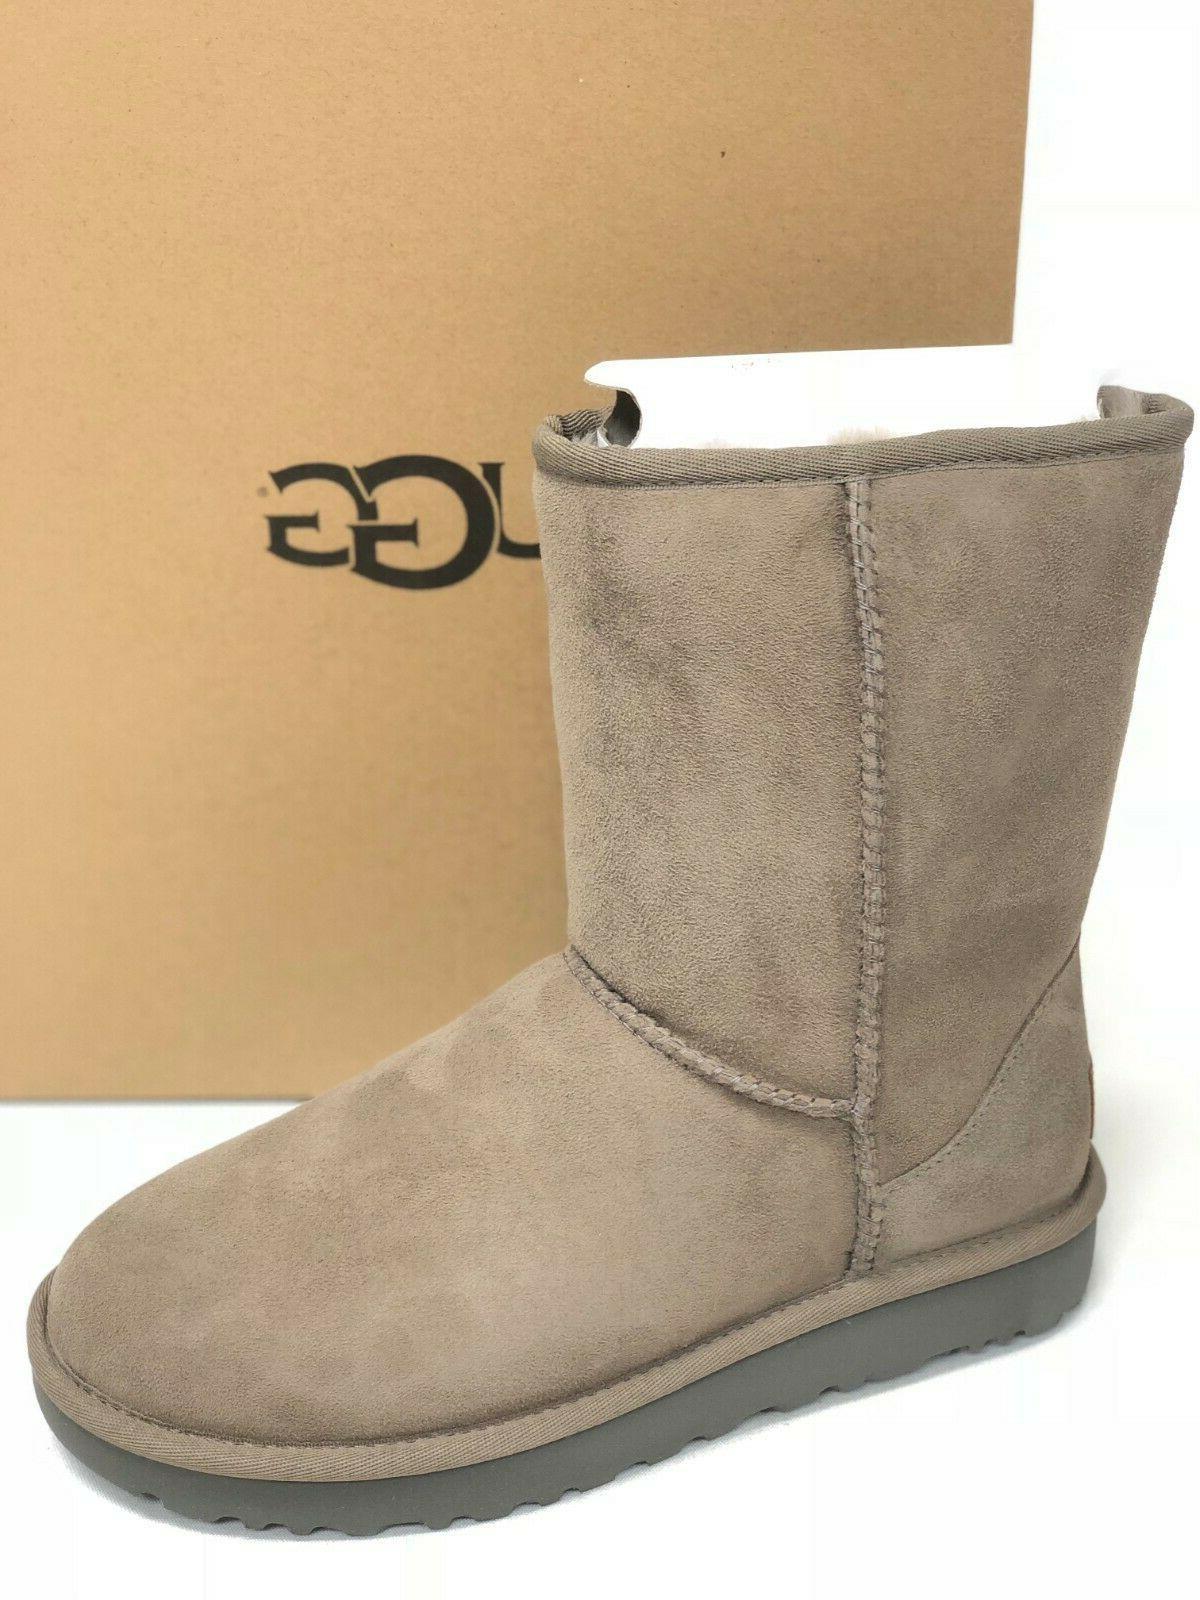 UGG Australia Women's Classic Short II Brindle Boots 1016223